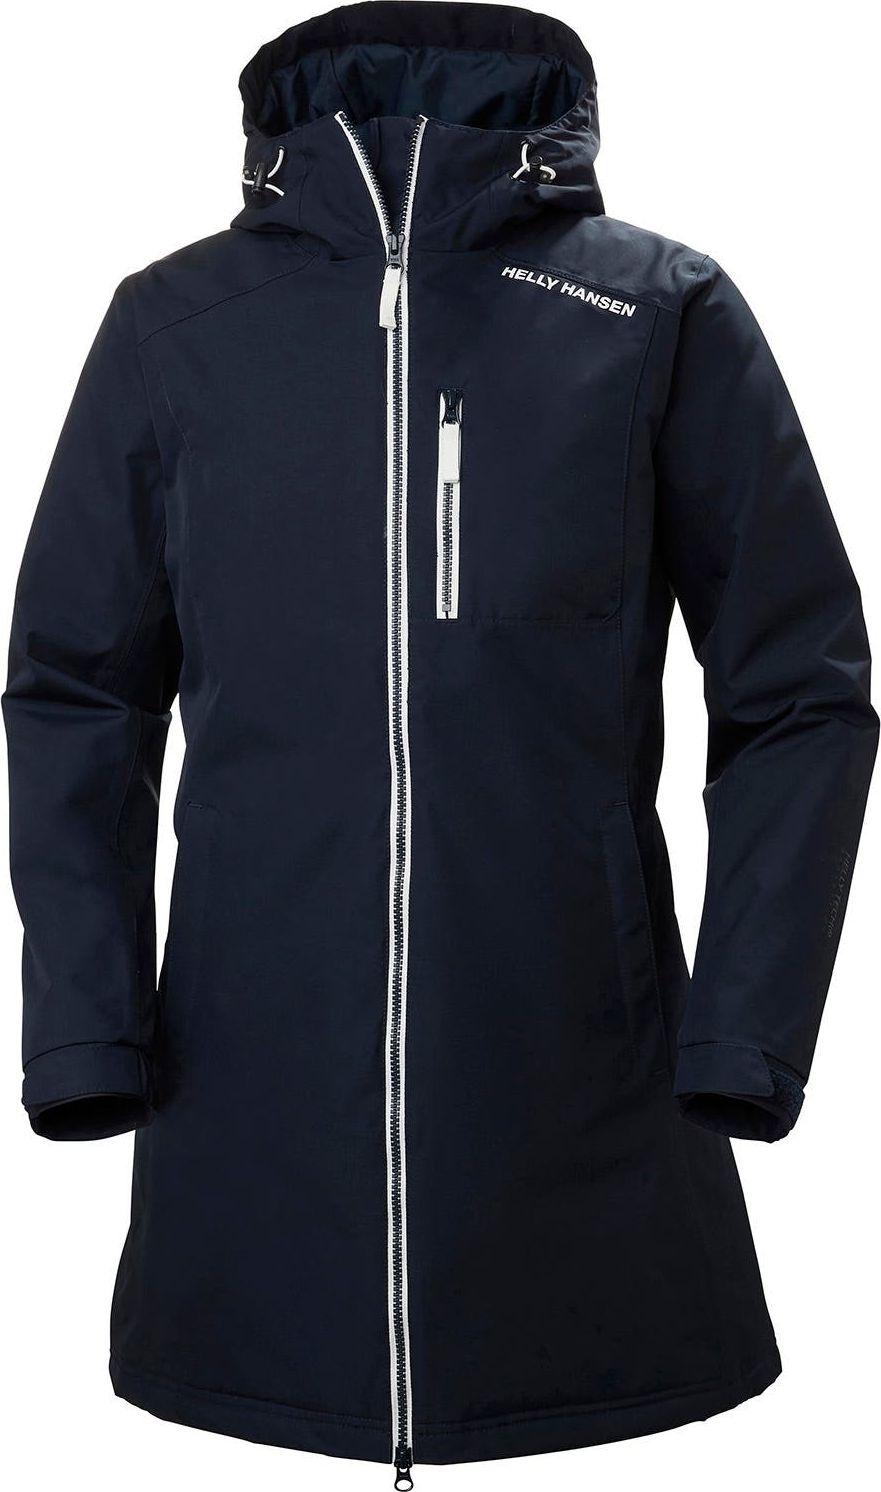 HELLY HANSEN Long Belfast Winter Jacket Women's Navy L